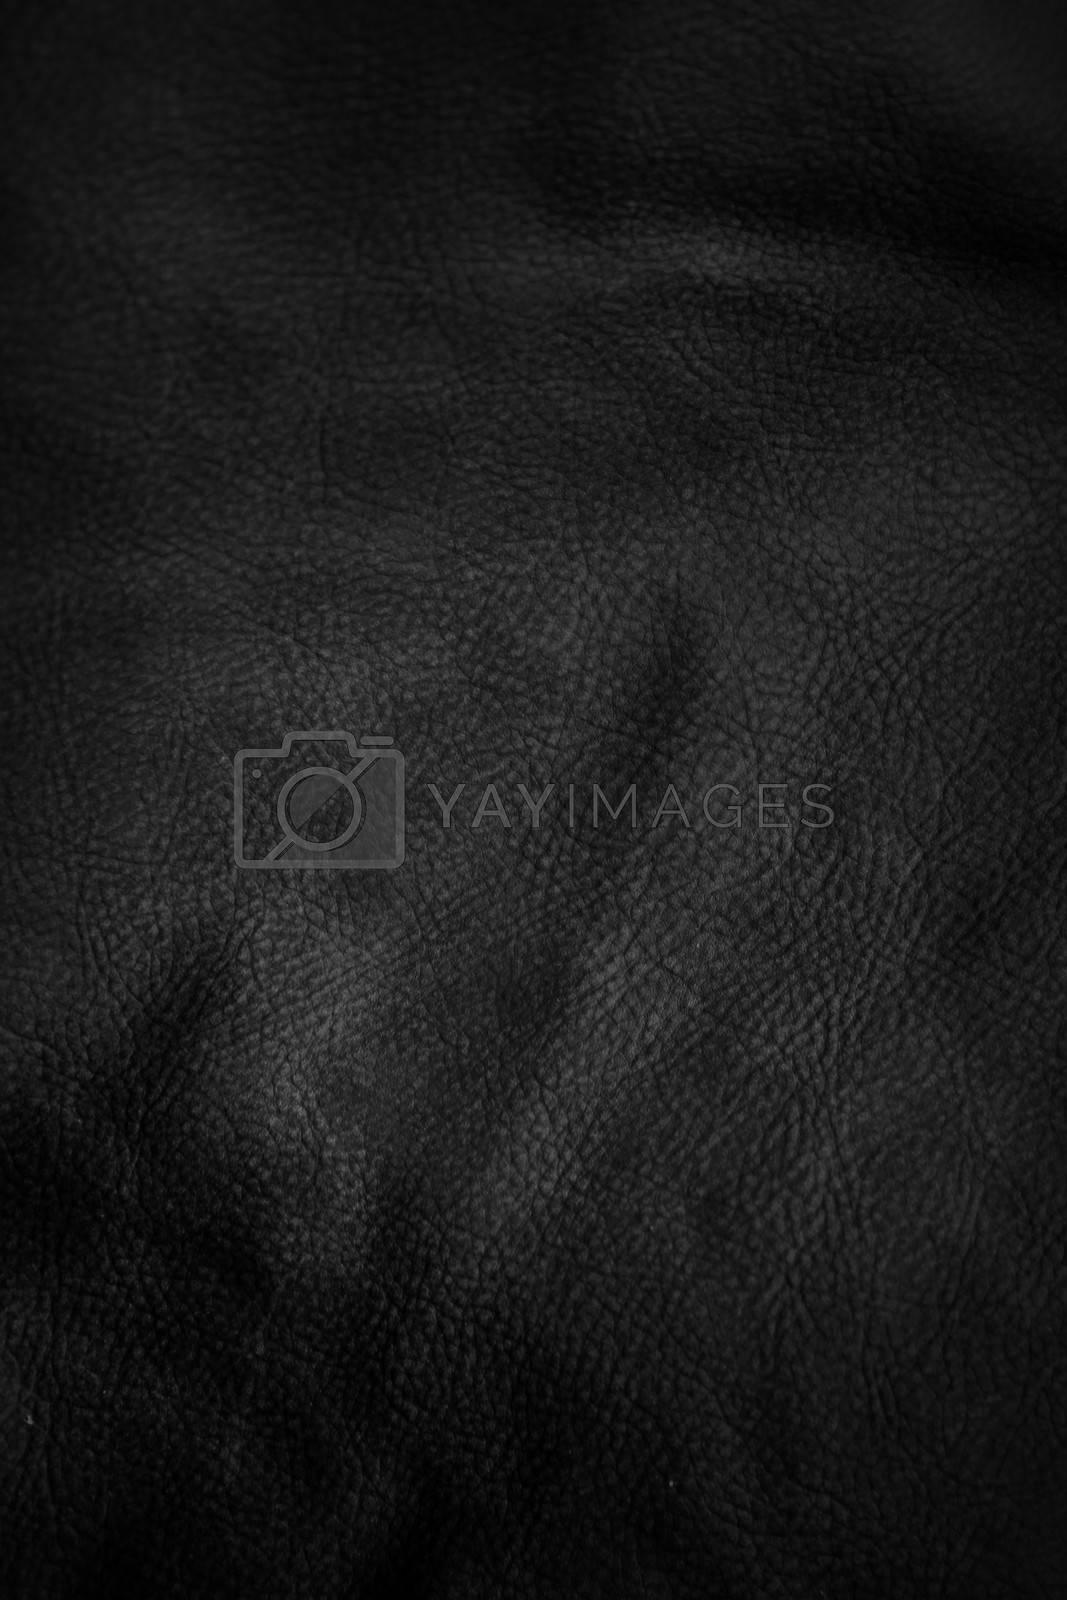 Texture by Stillfx